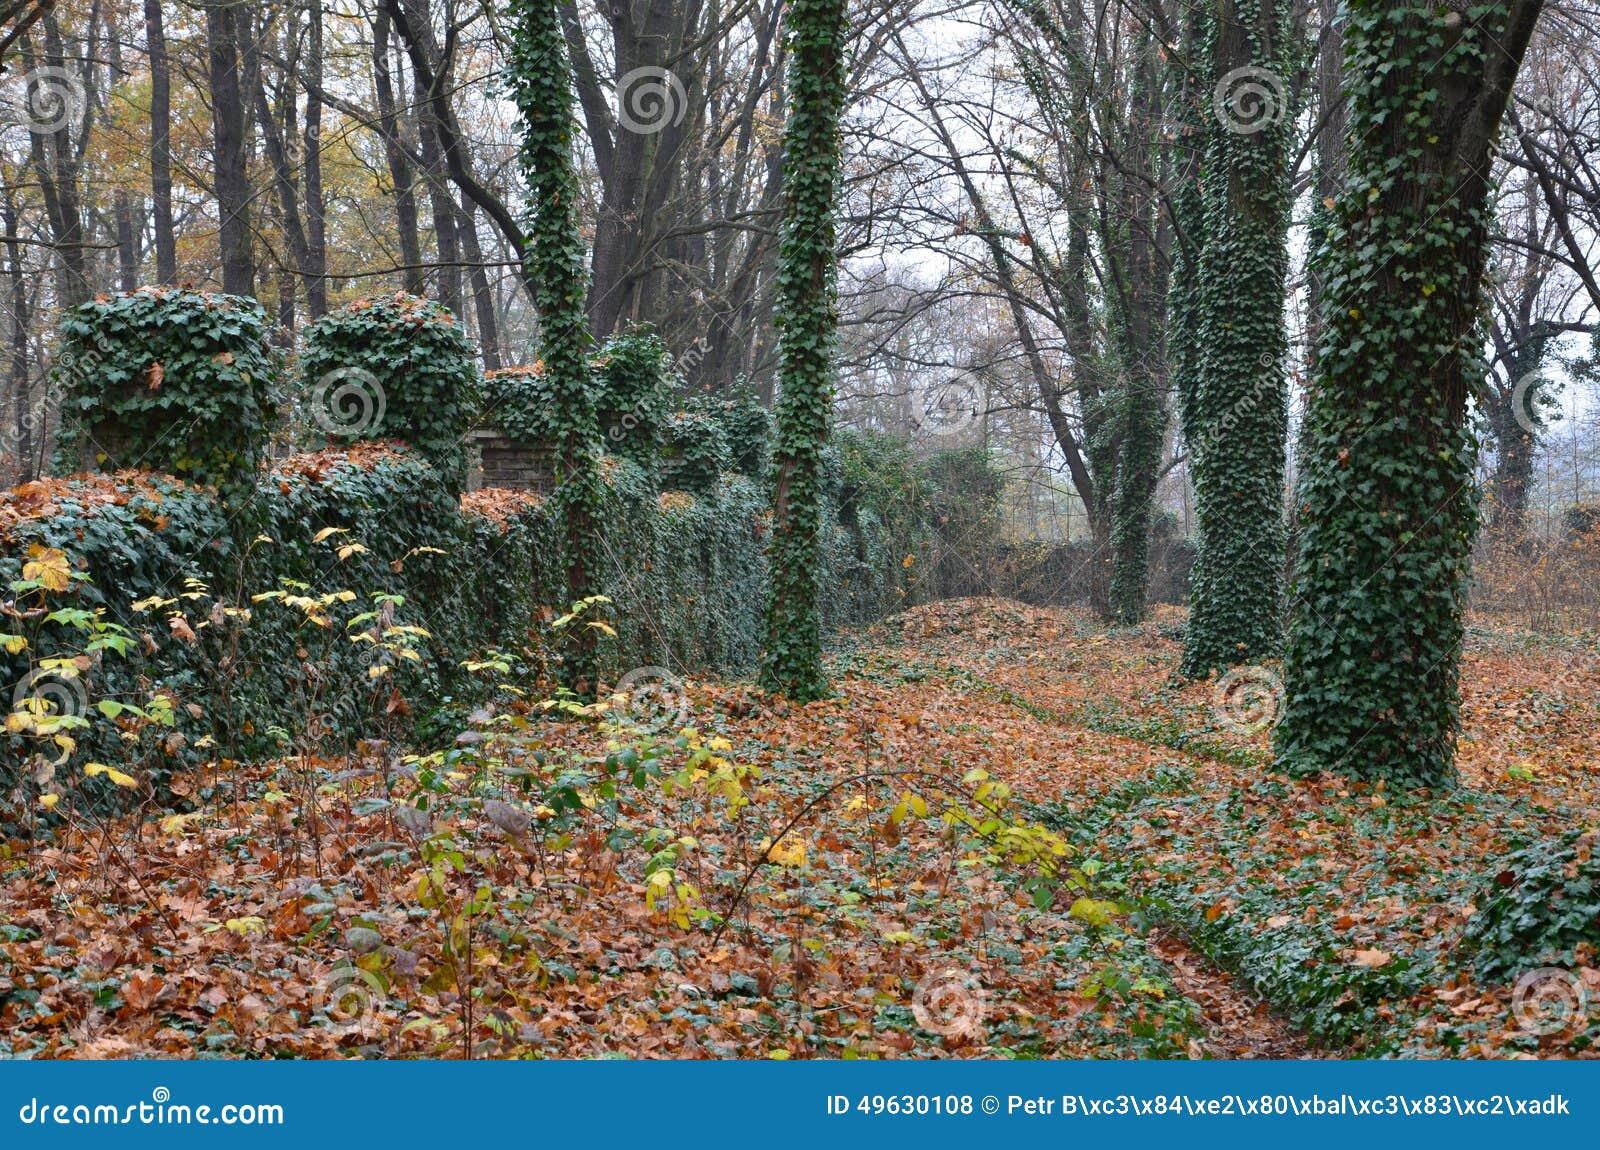 Geheimzinnige begraafplaats van dwazen met bomen